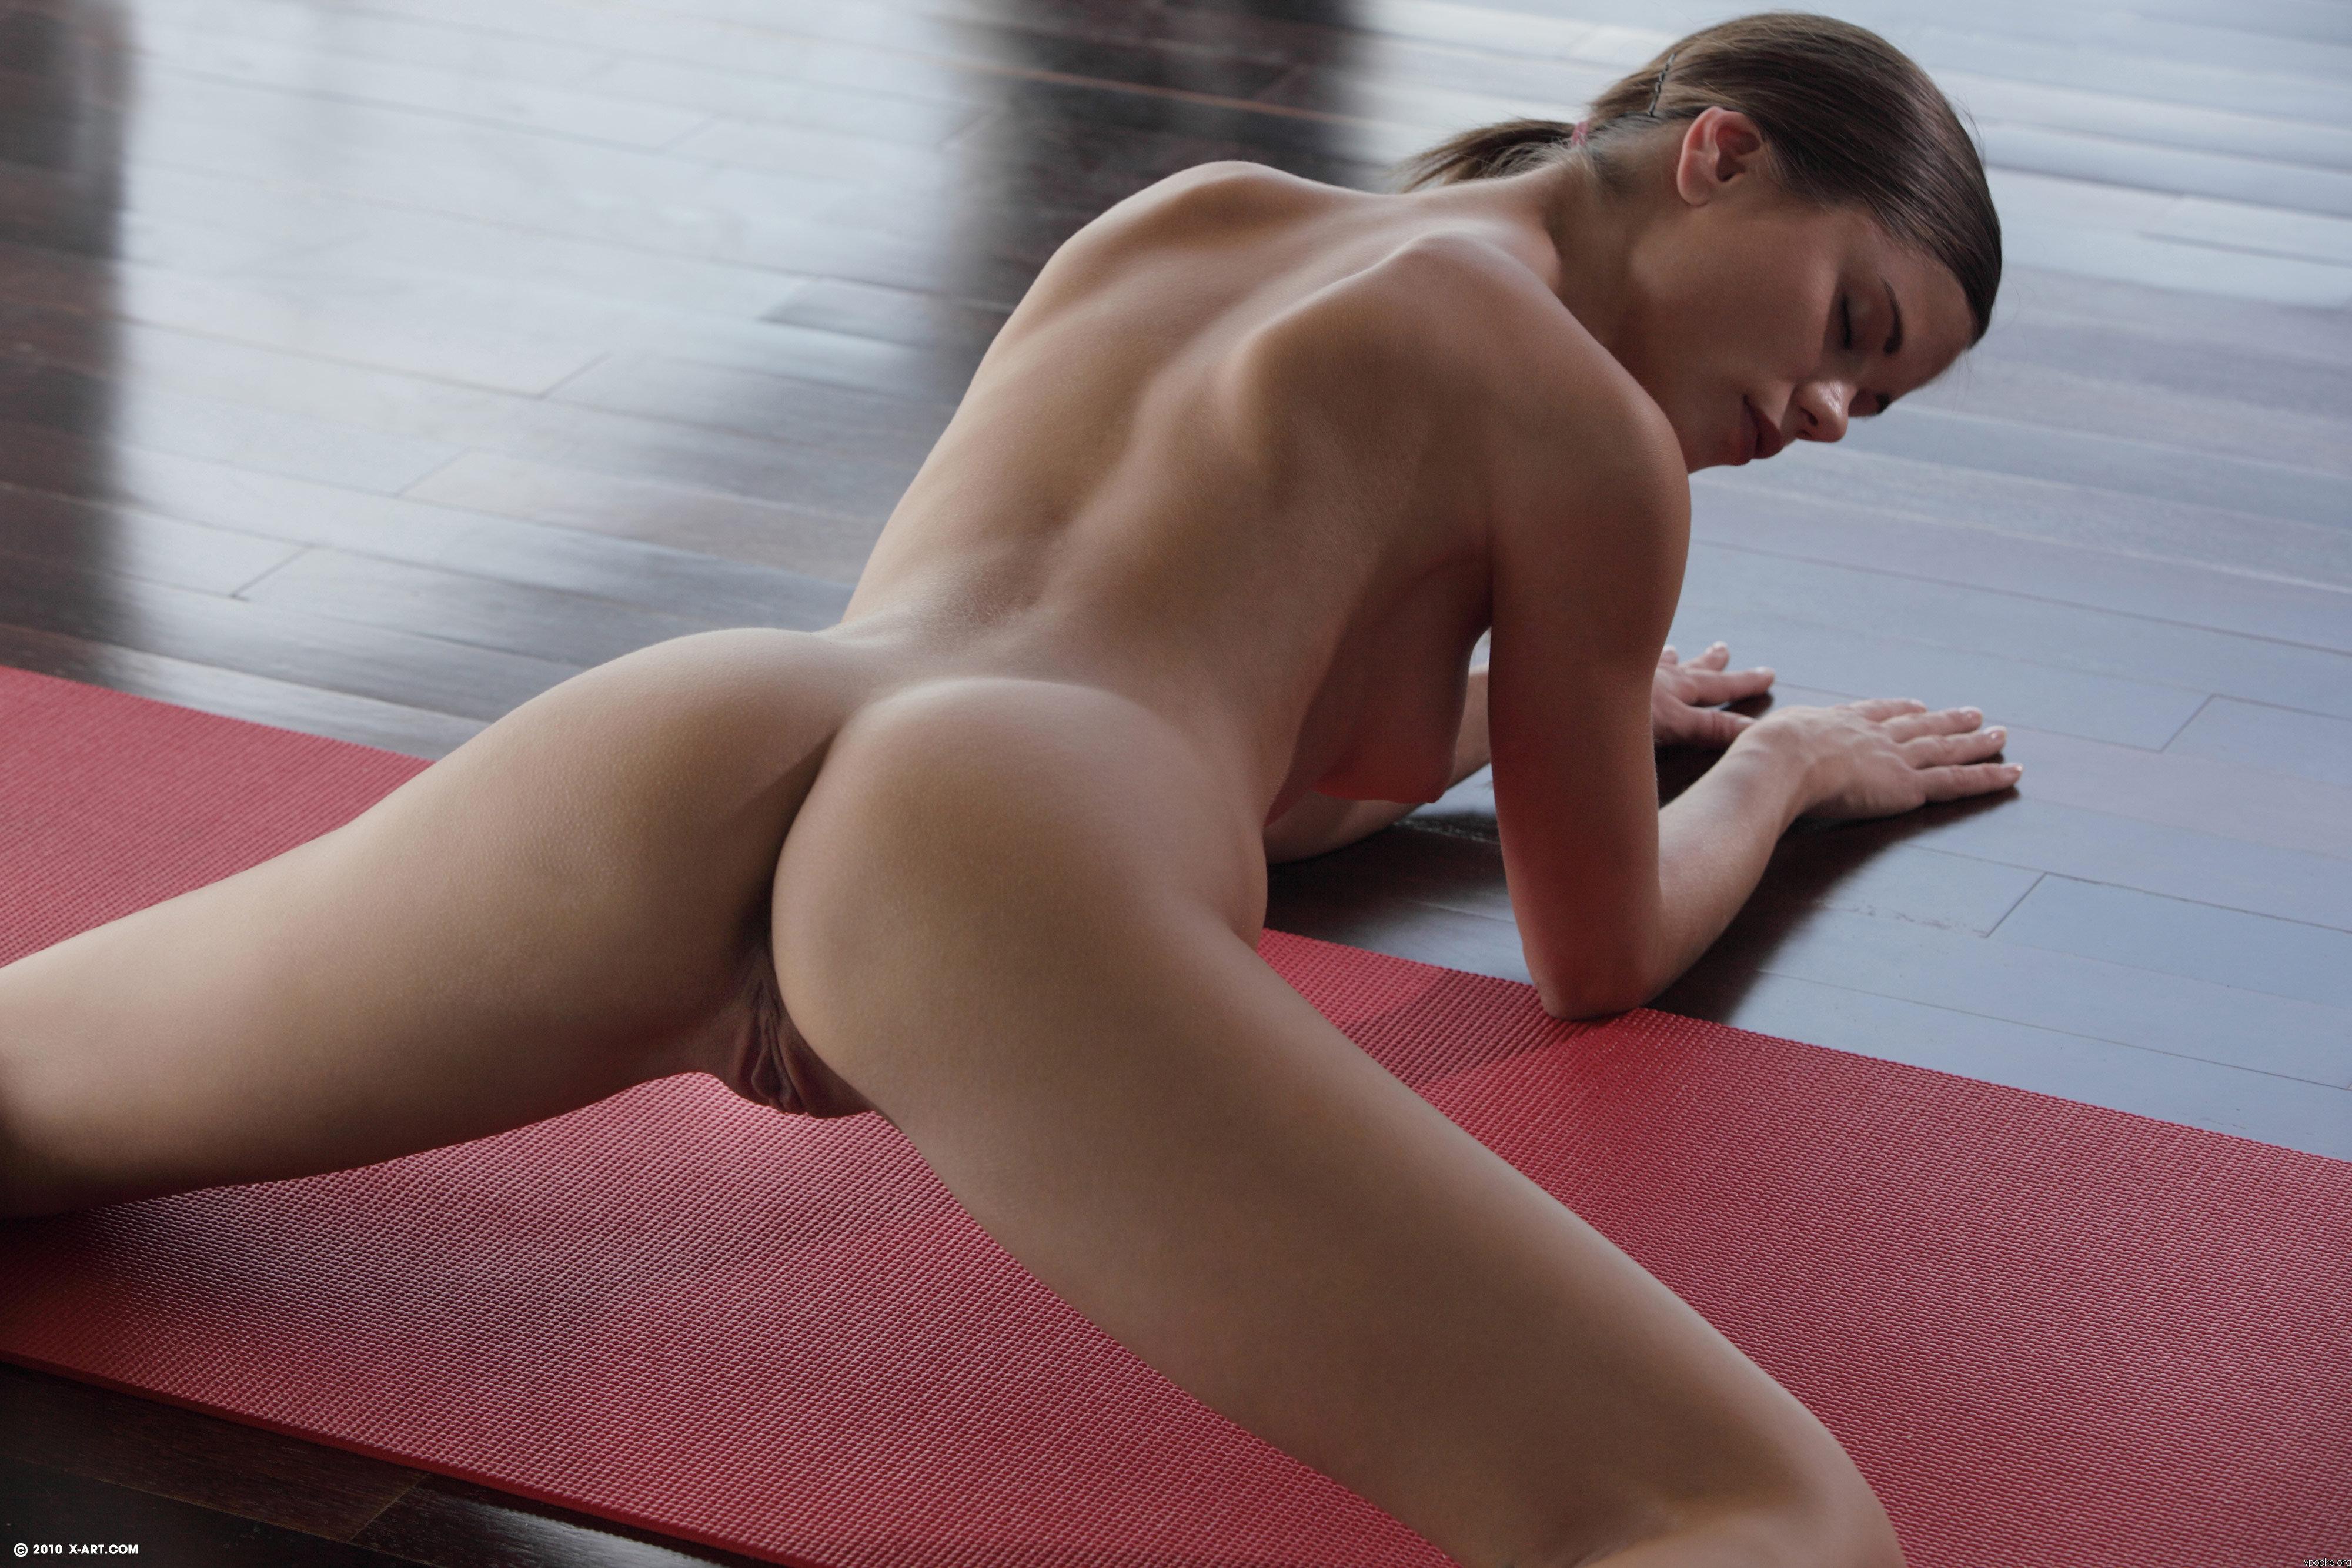 Смотреть голые фото гимнасток бесплатно 12 фотография